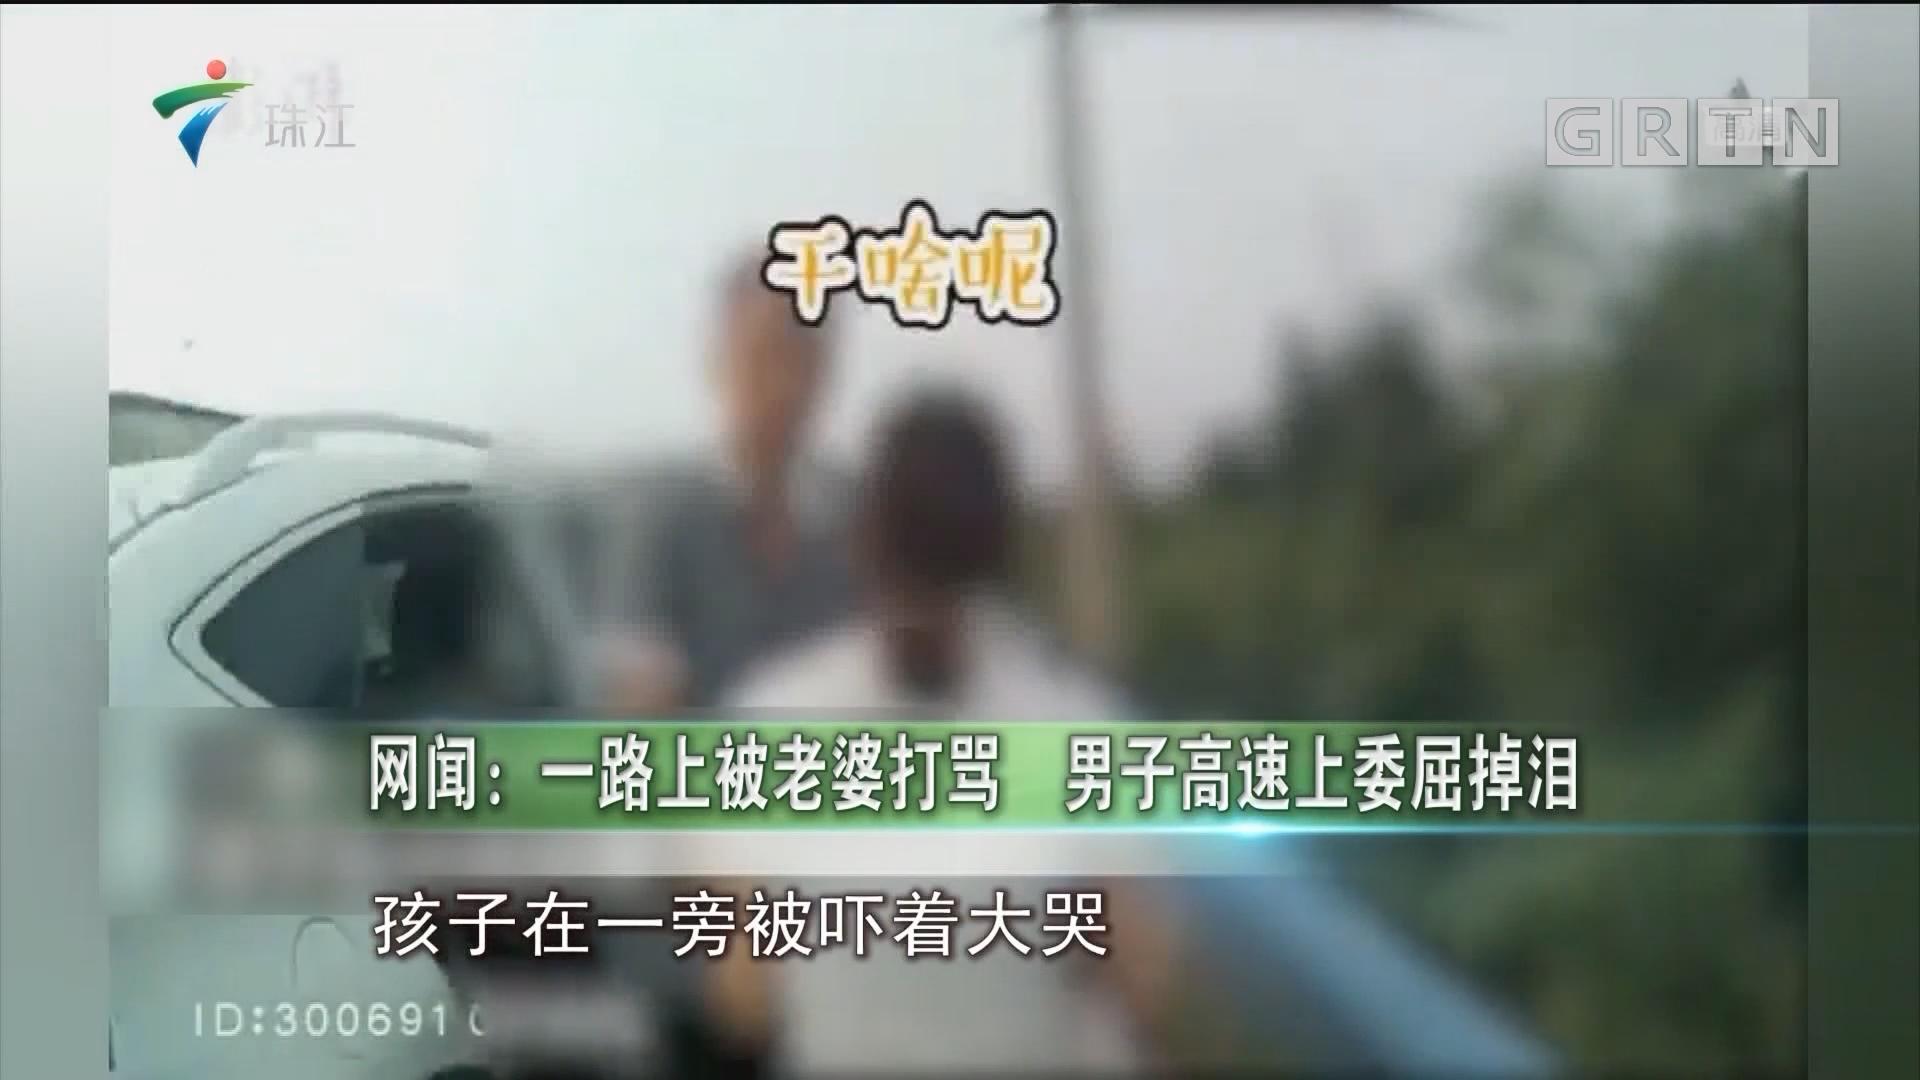 网闻:一路上被老婆打骂 男子高速上委屈掉泪